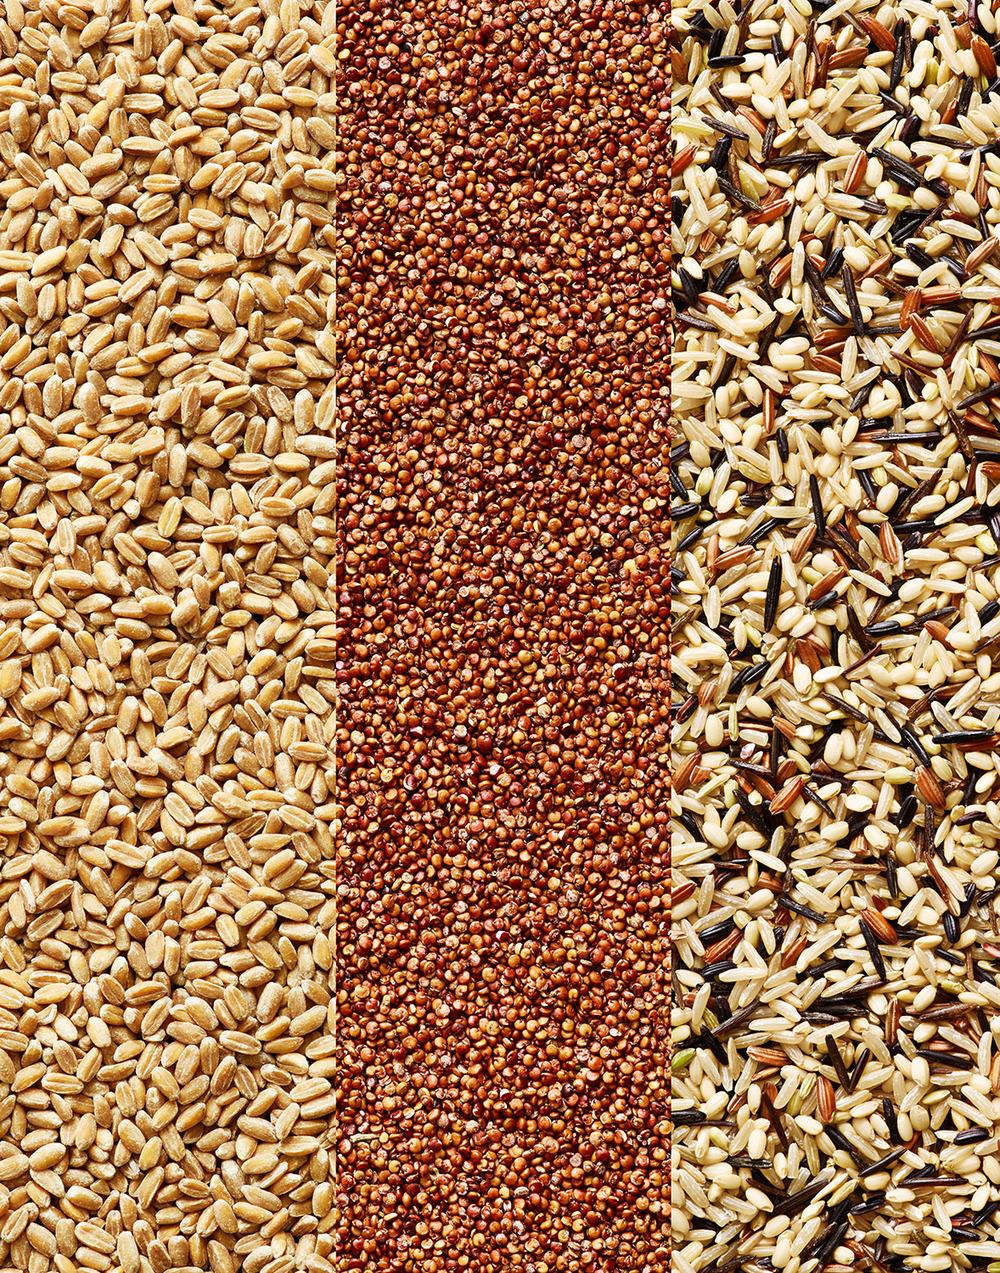 Grains: Farro, Quinoa, Wild Rice